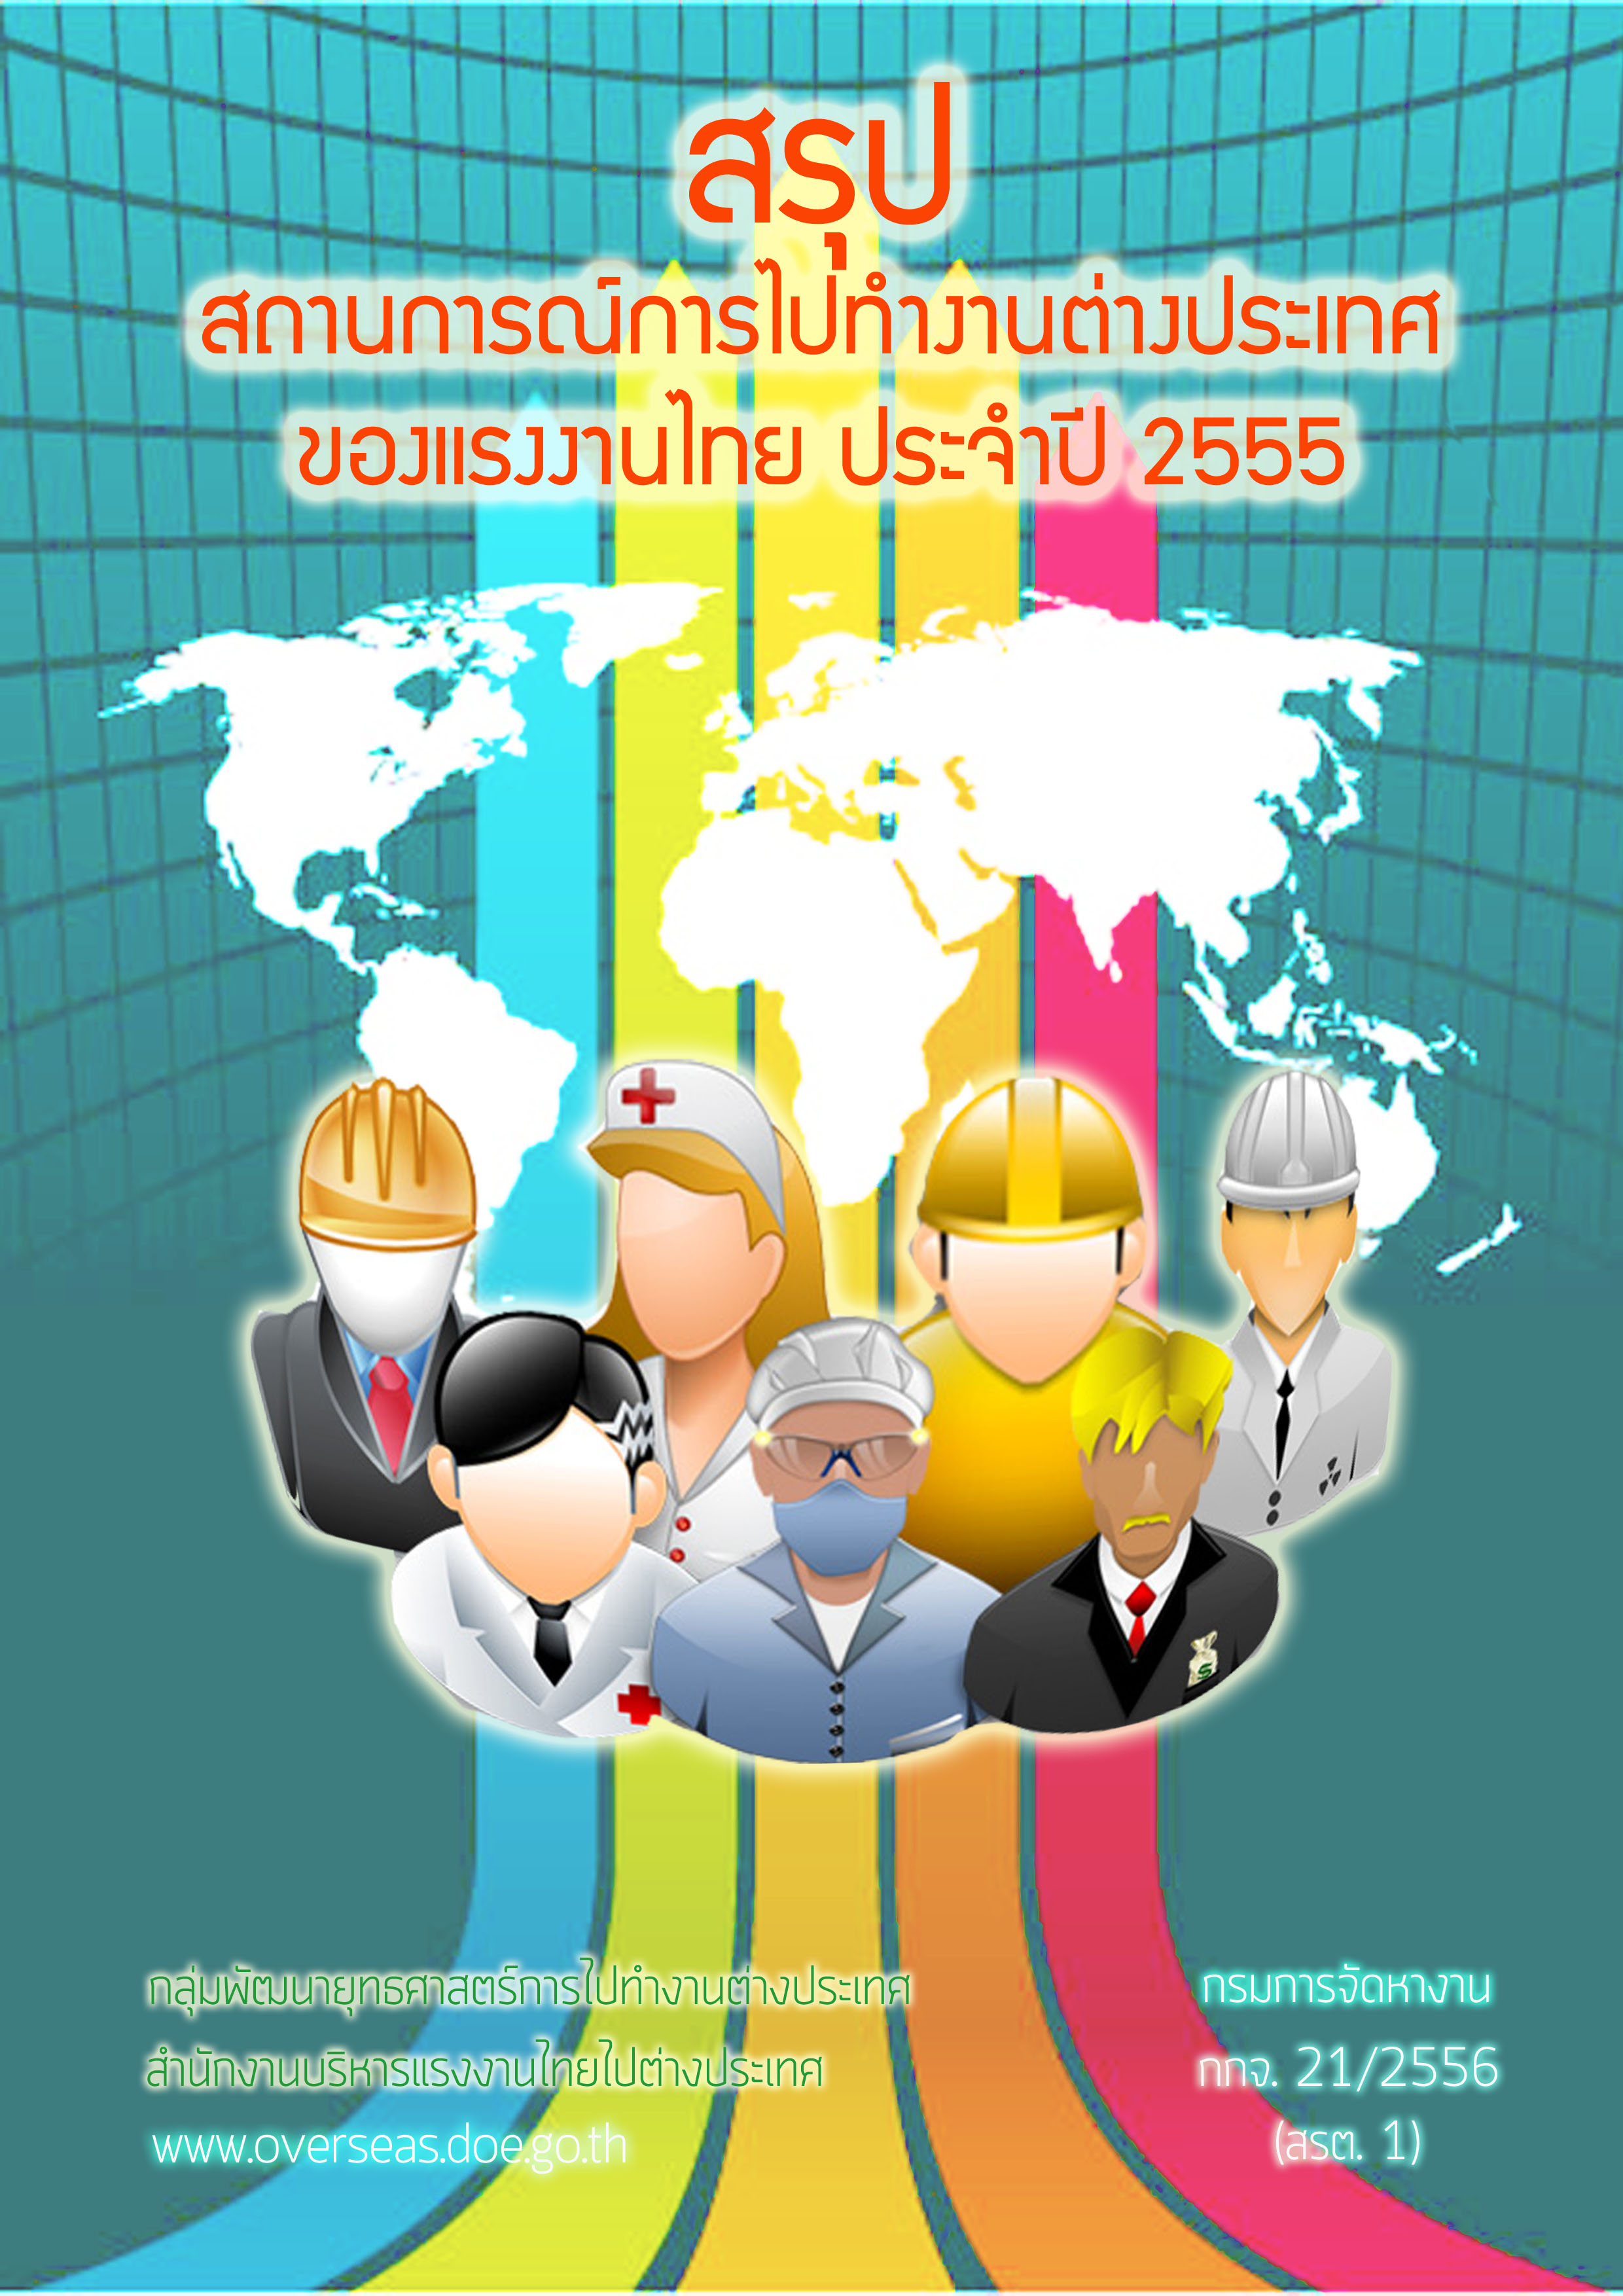 สรุป สถานการณ์การไปทำงานต่างประเทศของแรงงานไทย ประจำปี 2555